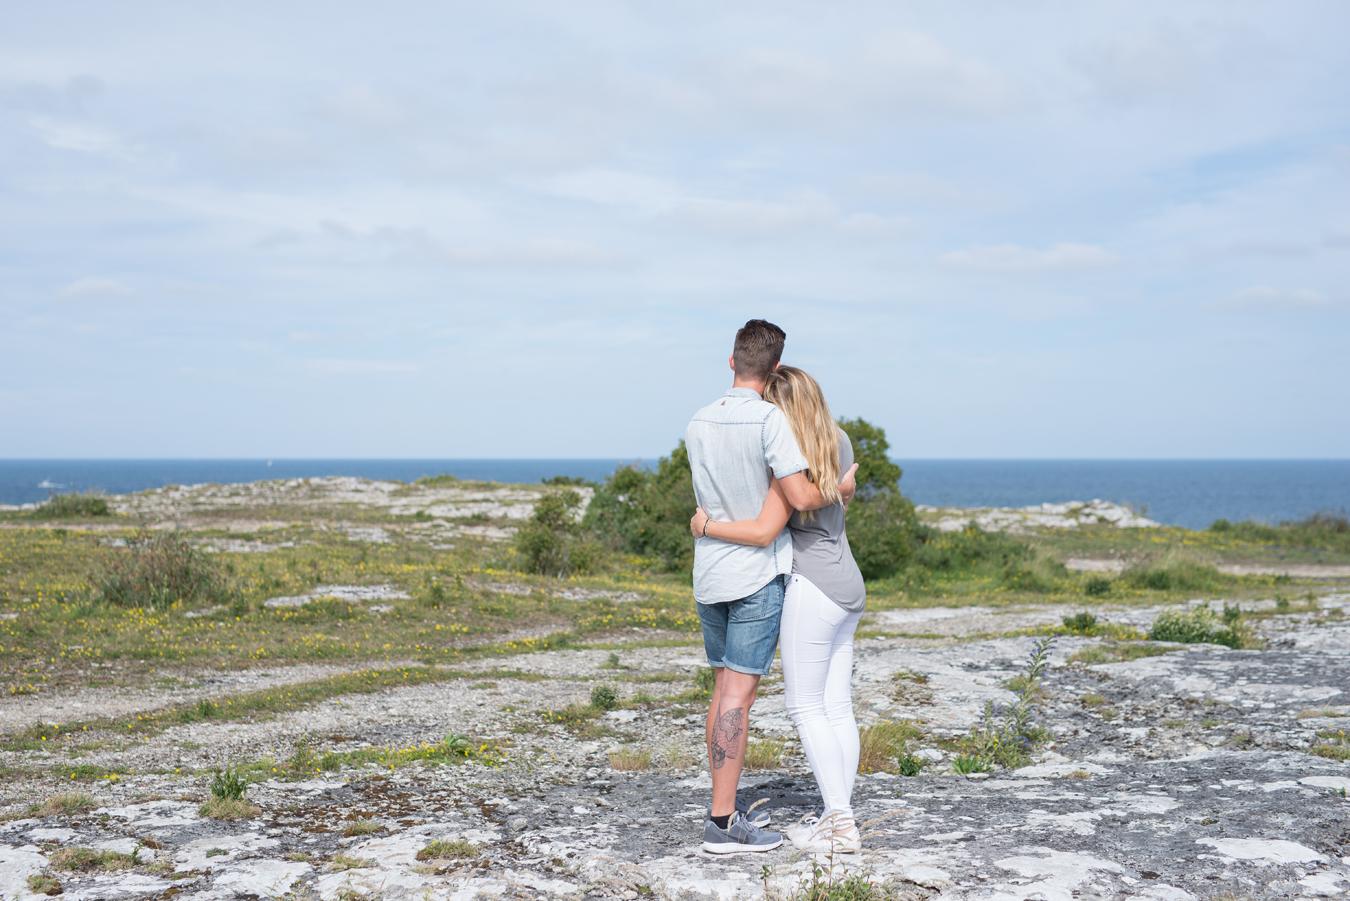 019-kärleksfotografering-gotland-neas-fotografi.jpg